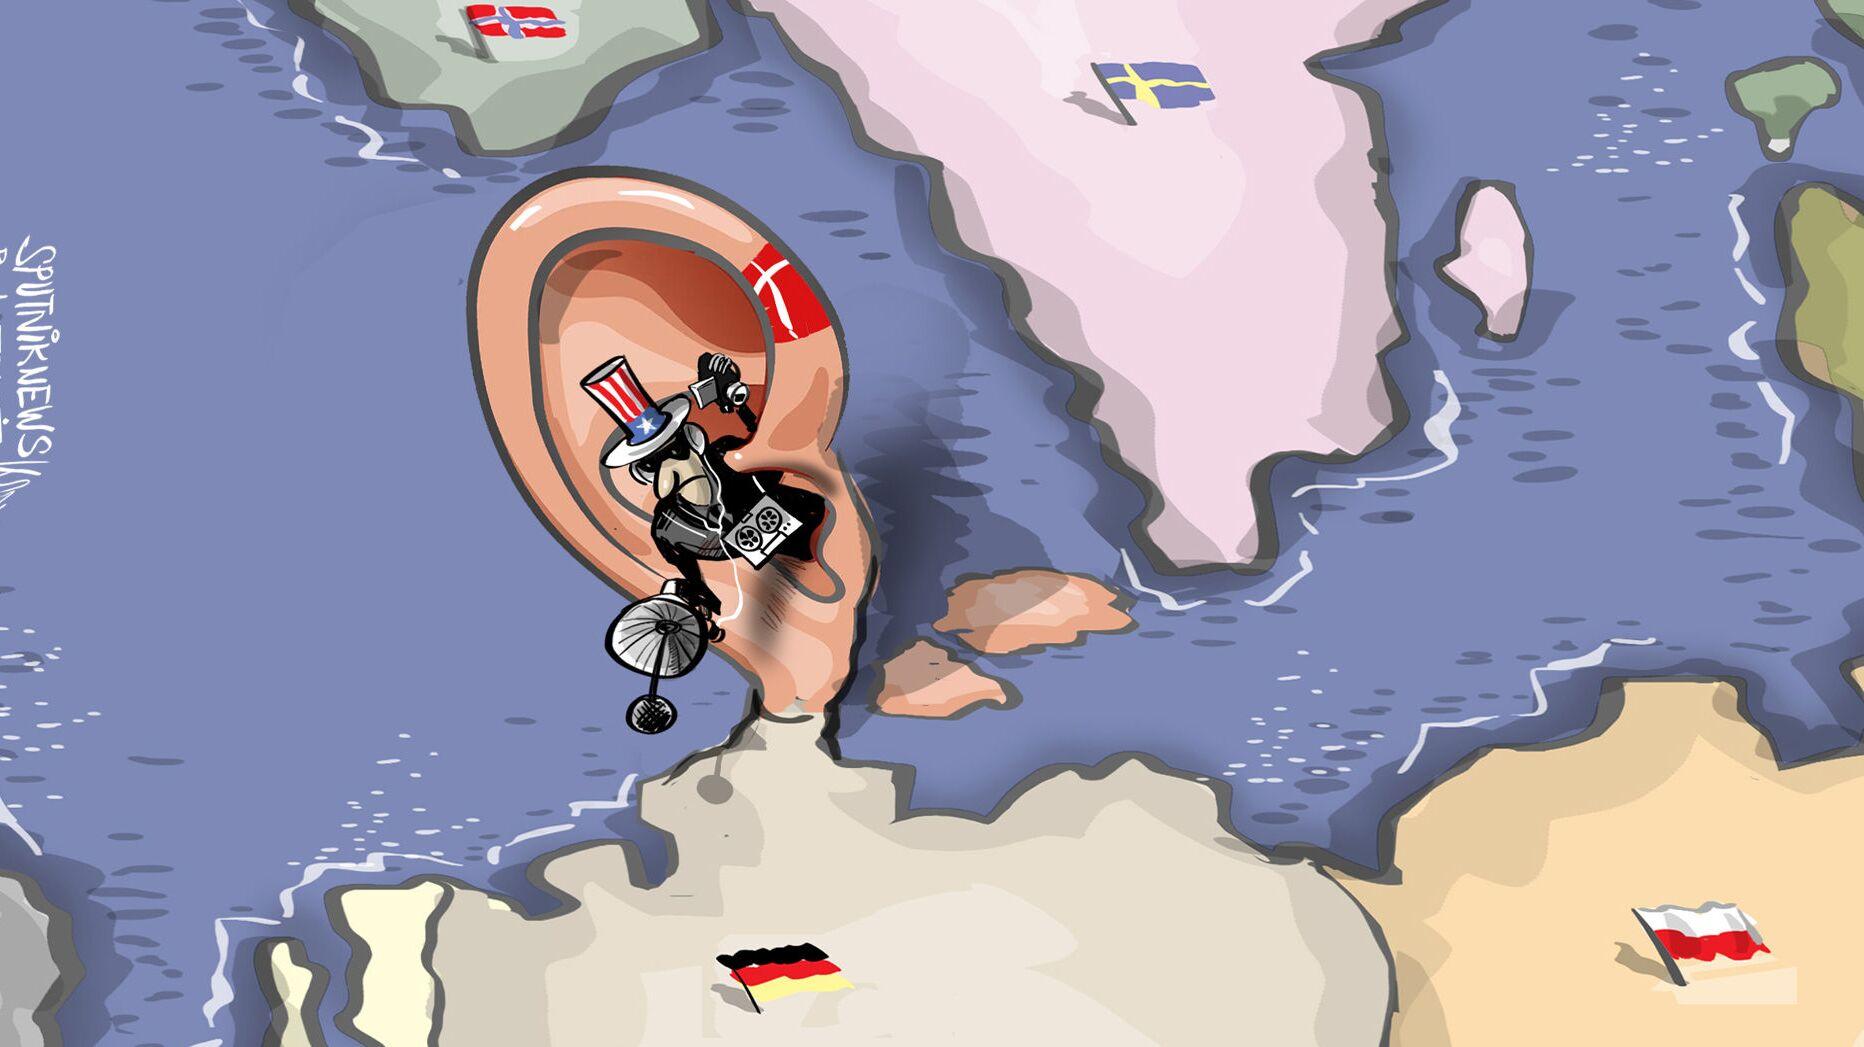 أمريكا استفادت من الدنمارك في التجسس على ميركل